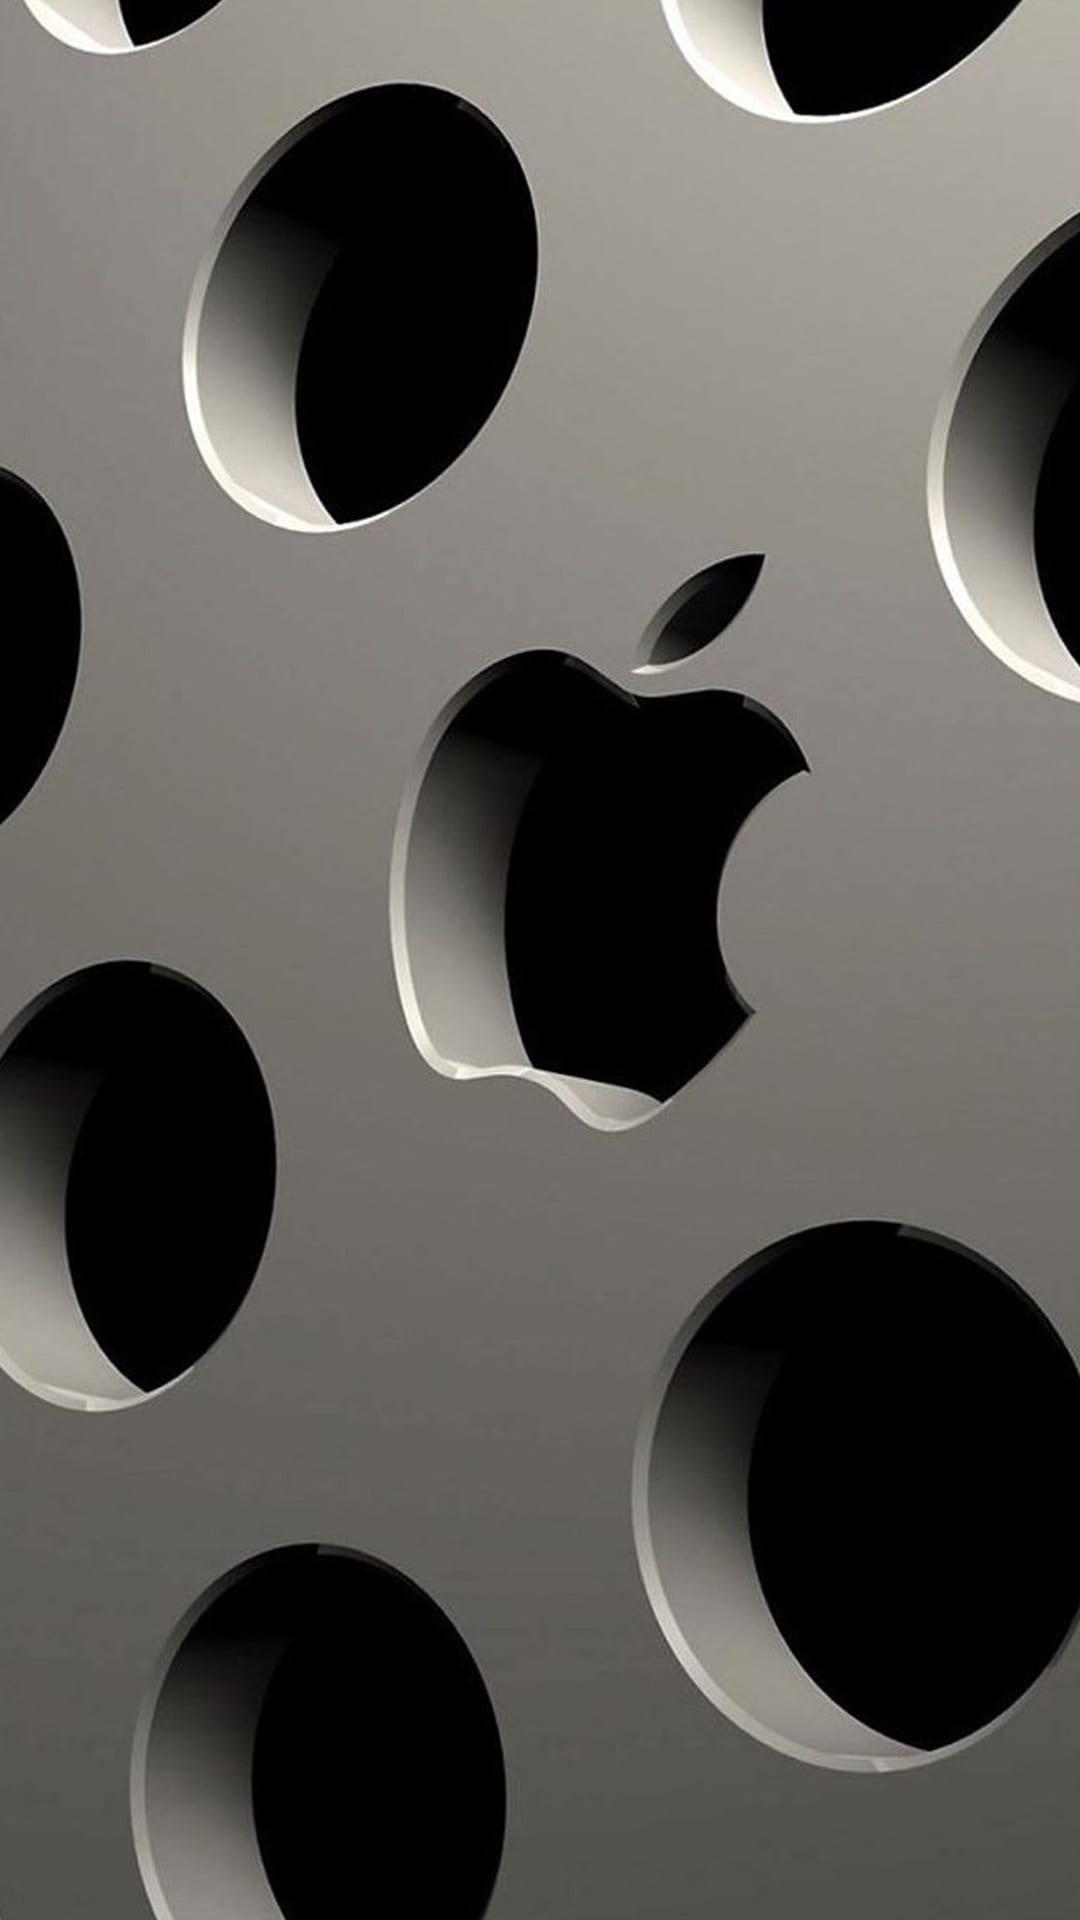 85a117d11d5 ¿Te has quedado con ganas de más fondos de pantalla para iPhone? Descarga  más wallpapers para el móvil de Apple.